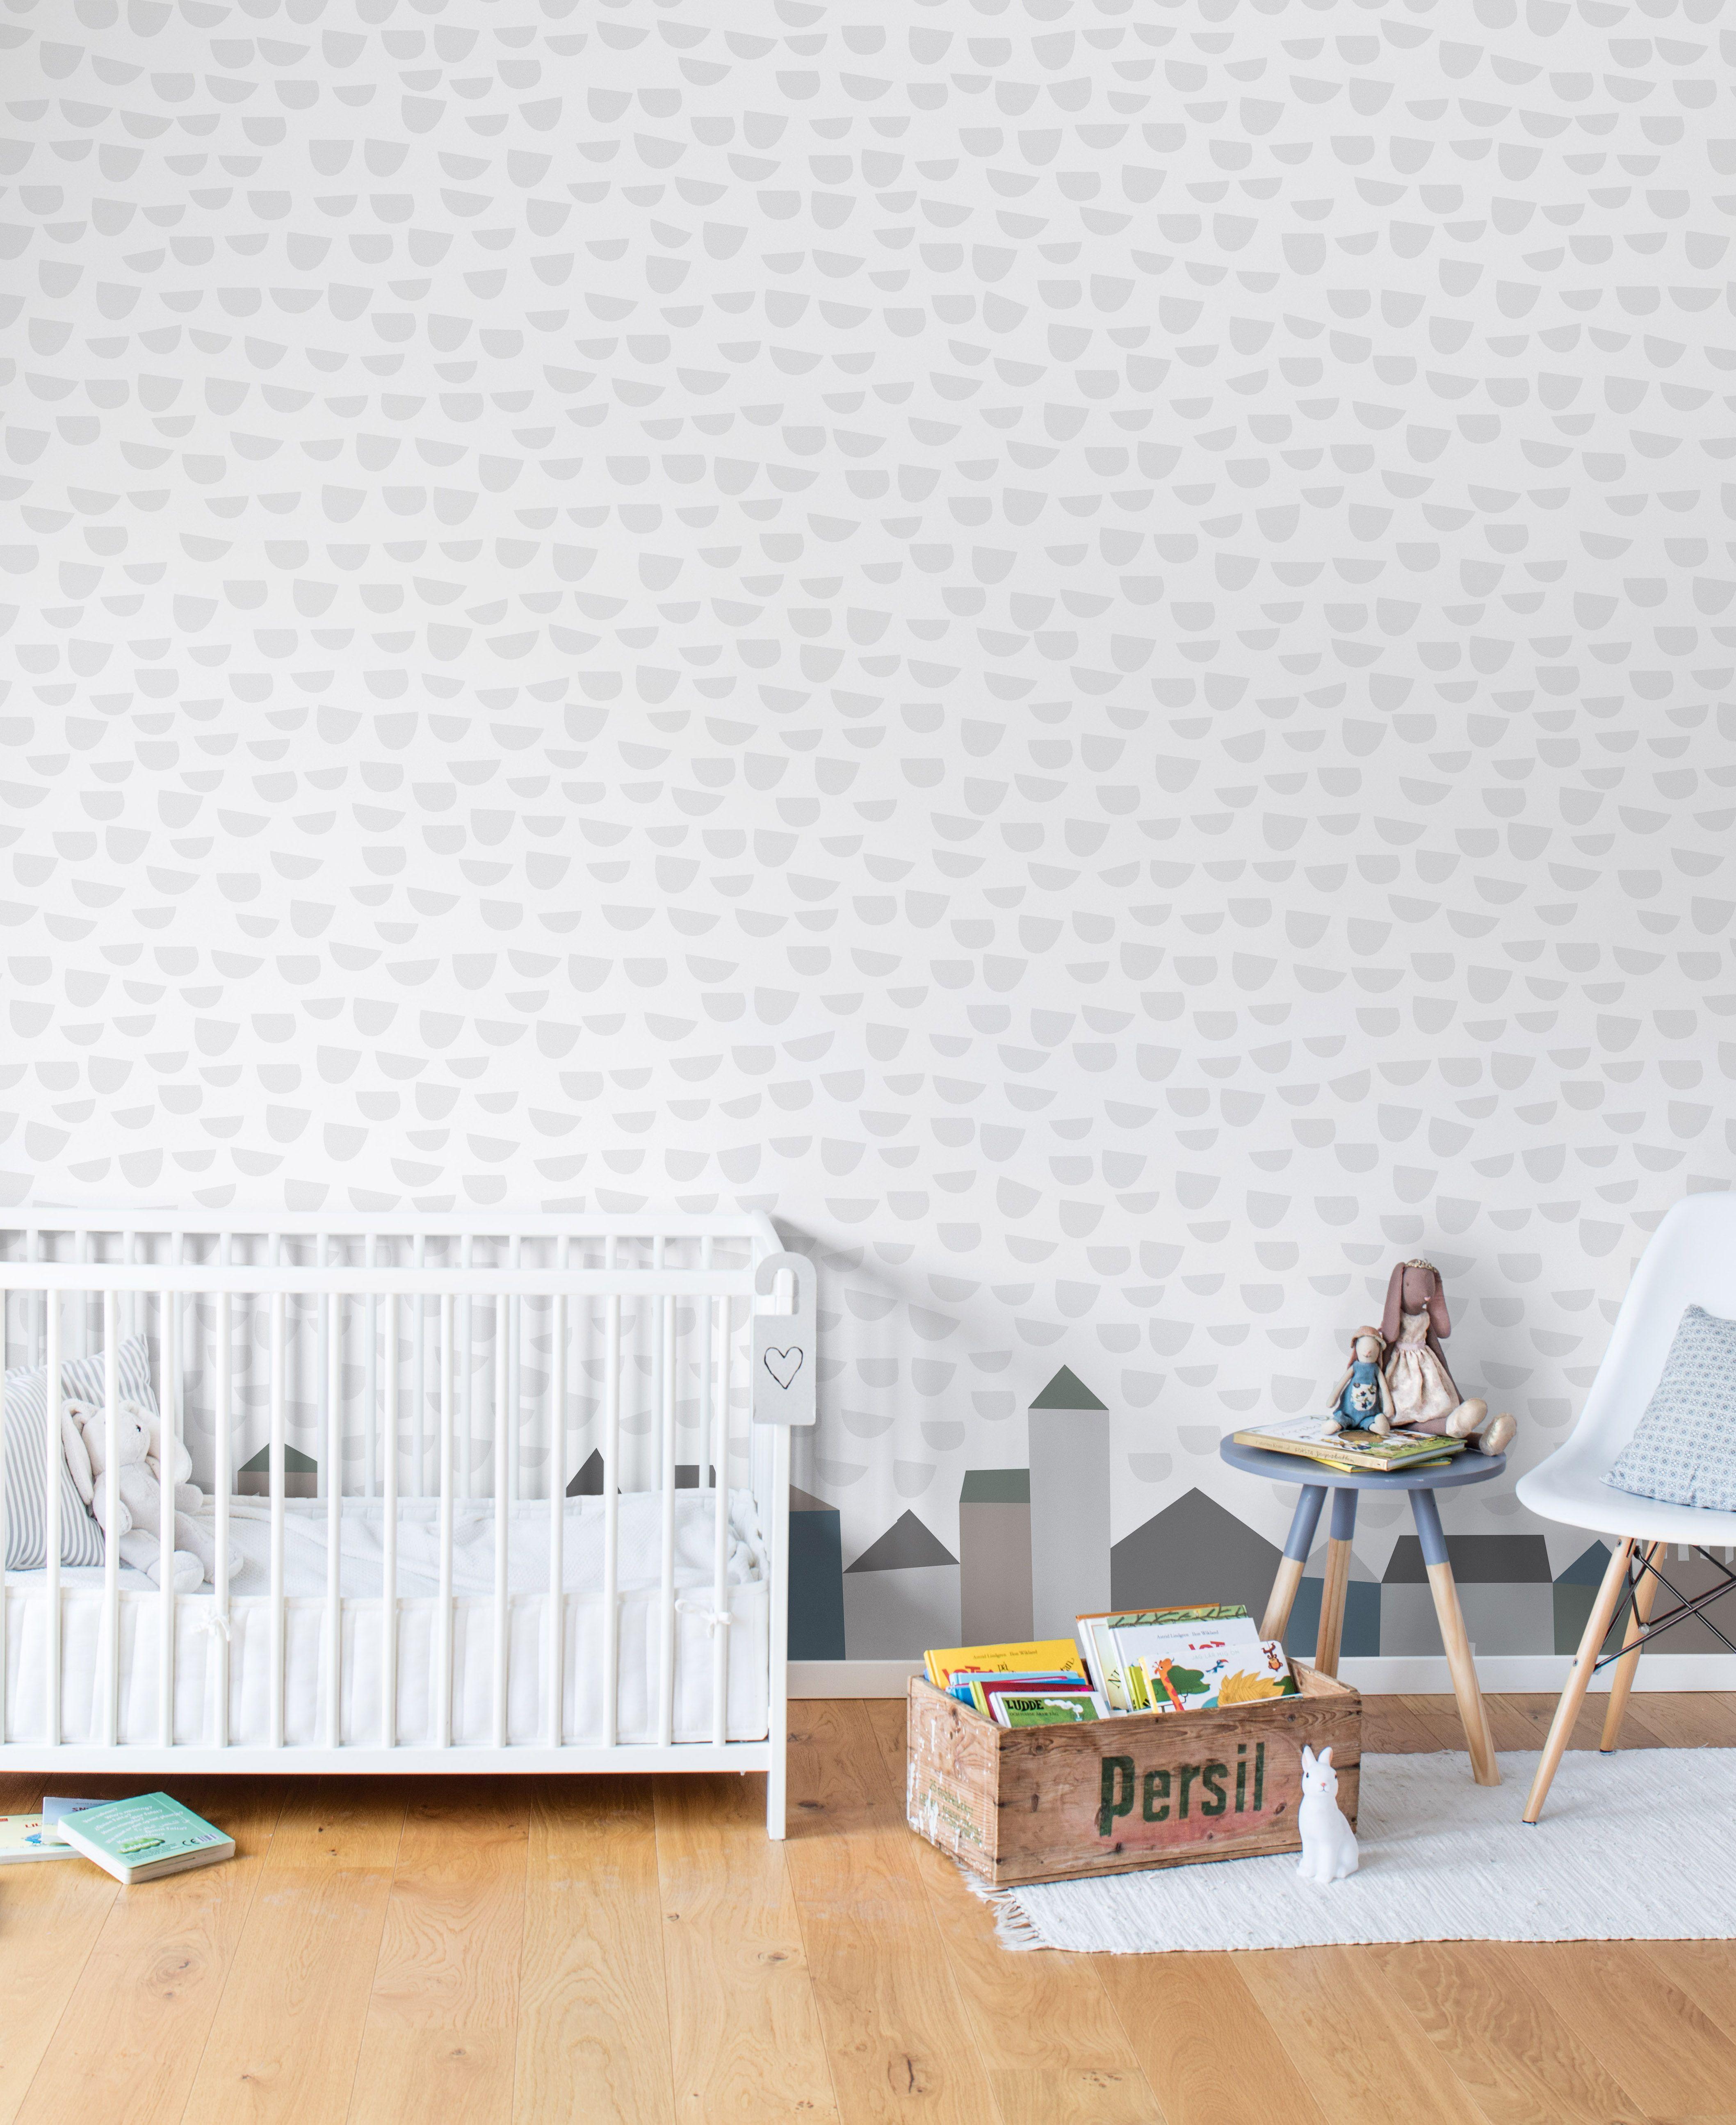 Elephant Tears  Tapeten fürus Kinderzimmer  Pinterest  Elephant